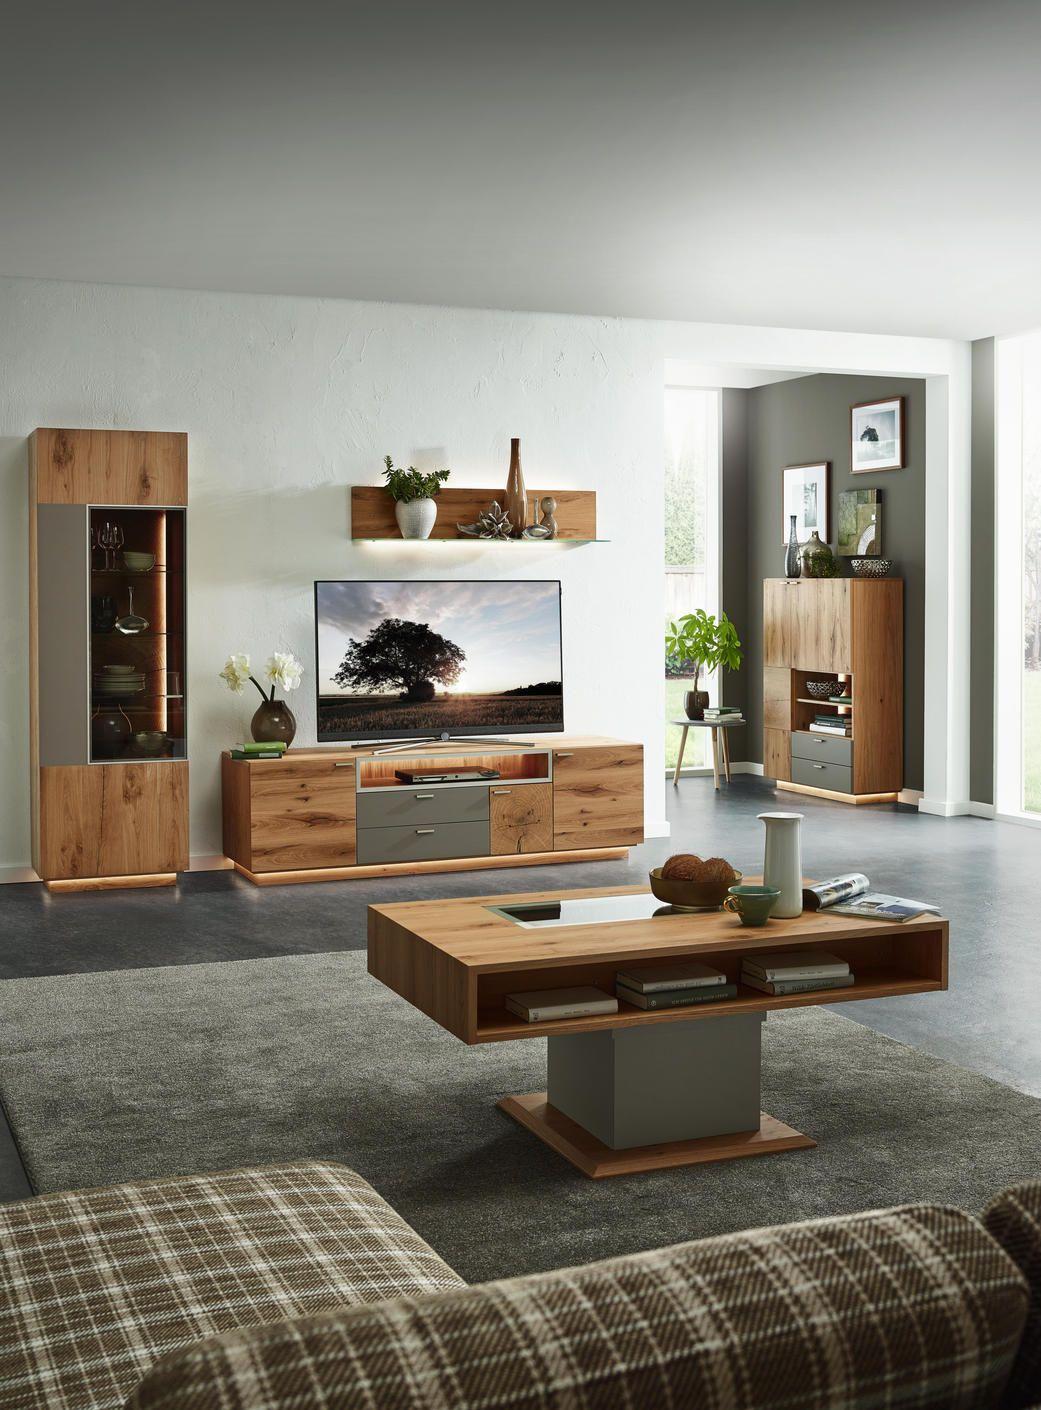 Wohnwand In Eichefarben Walnussfarben In 2019 Furniture Design